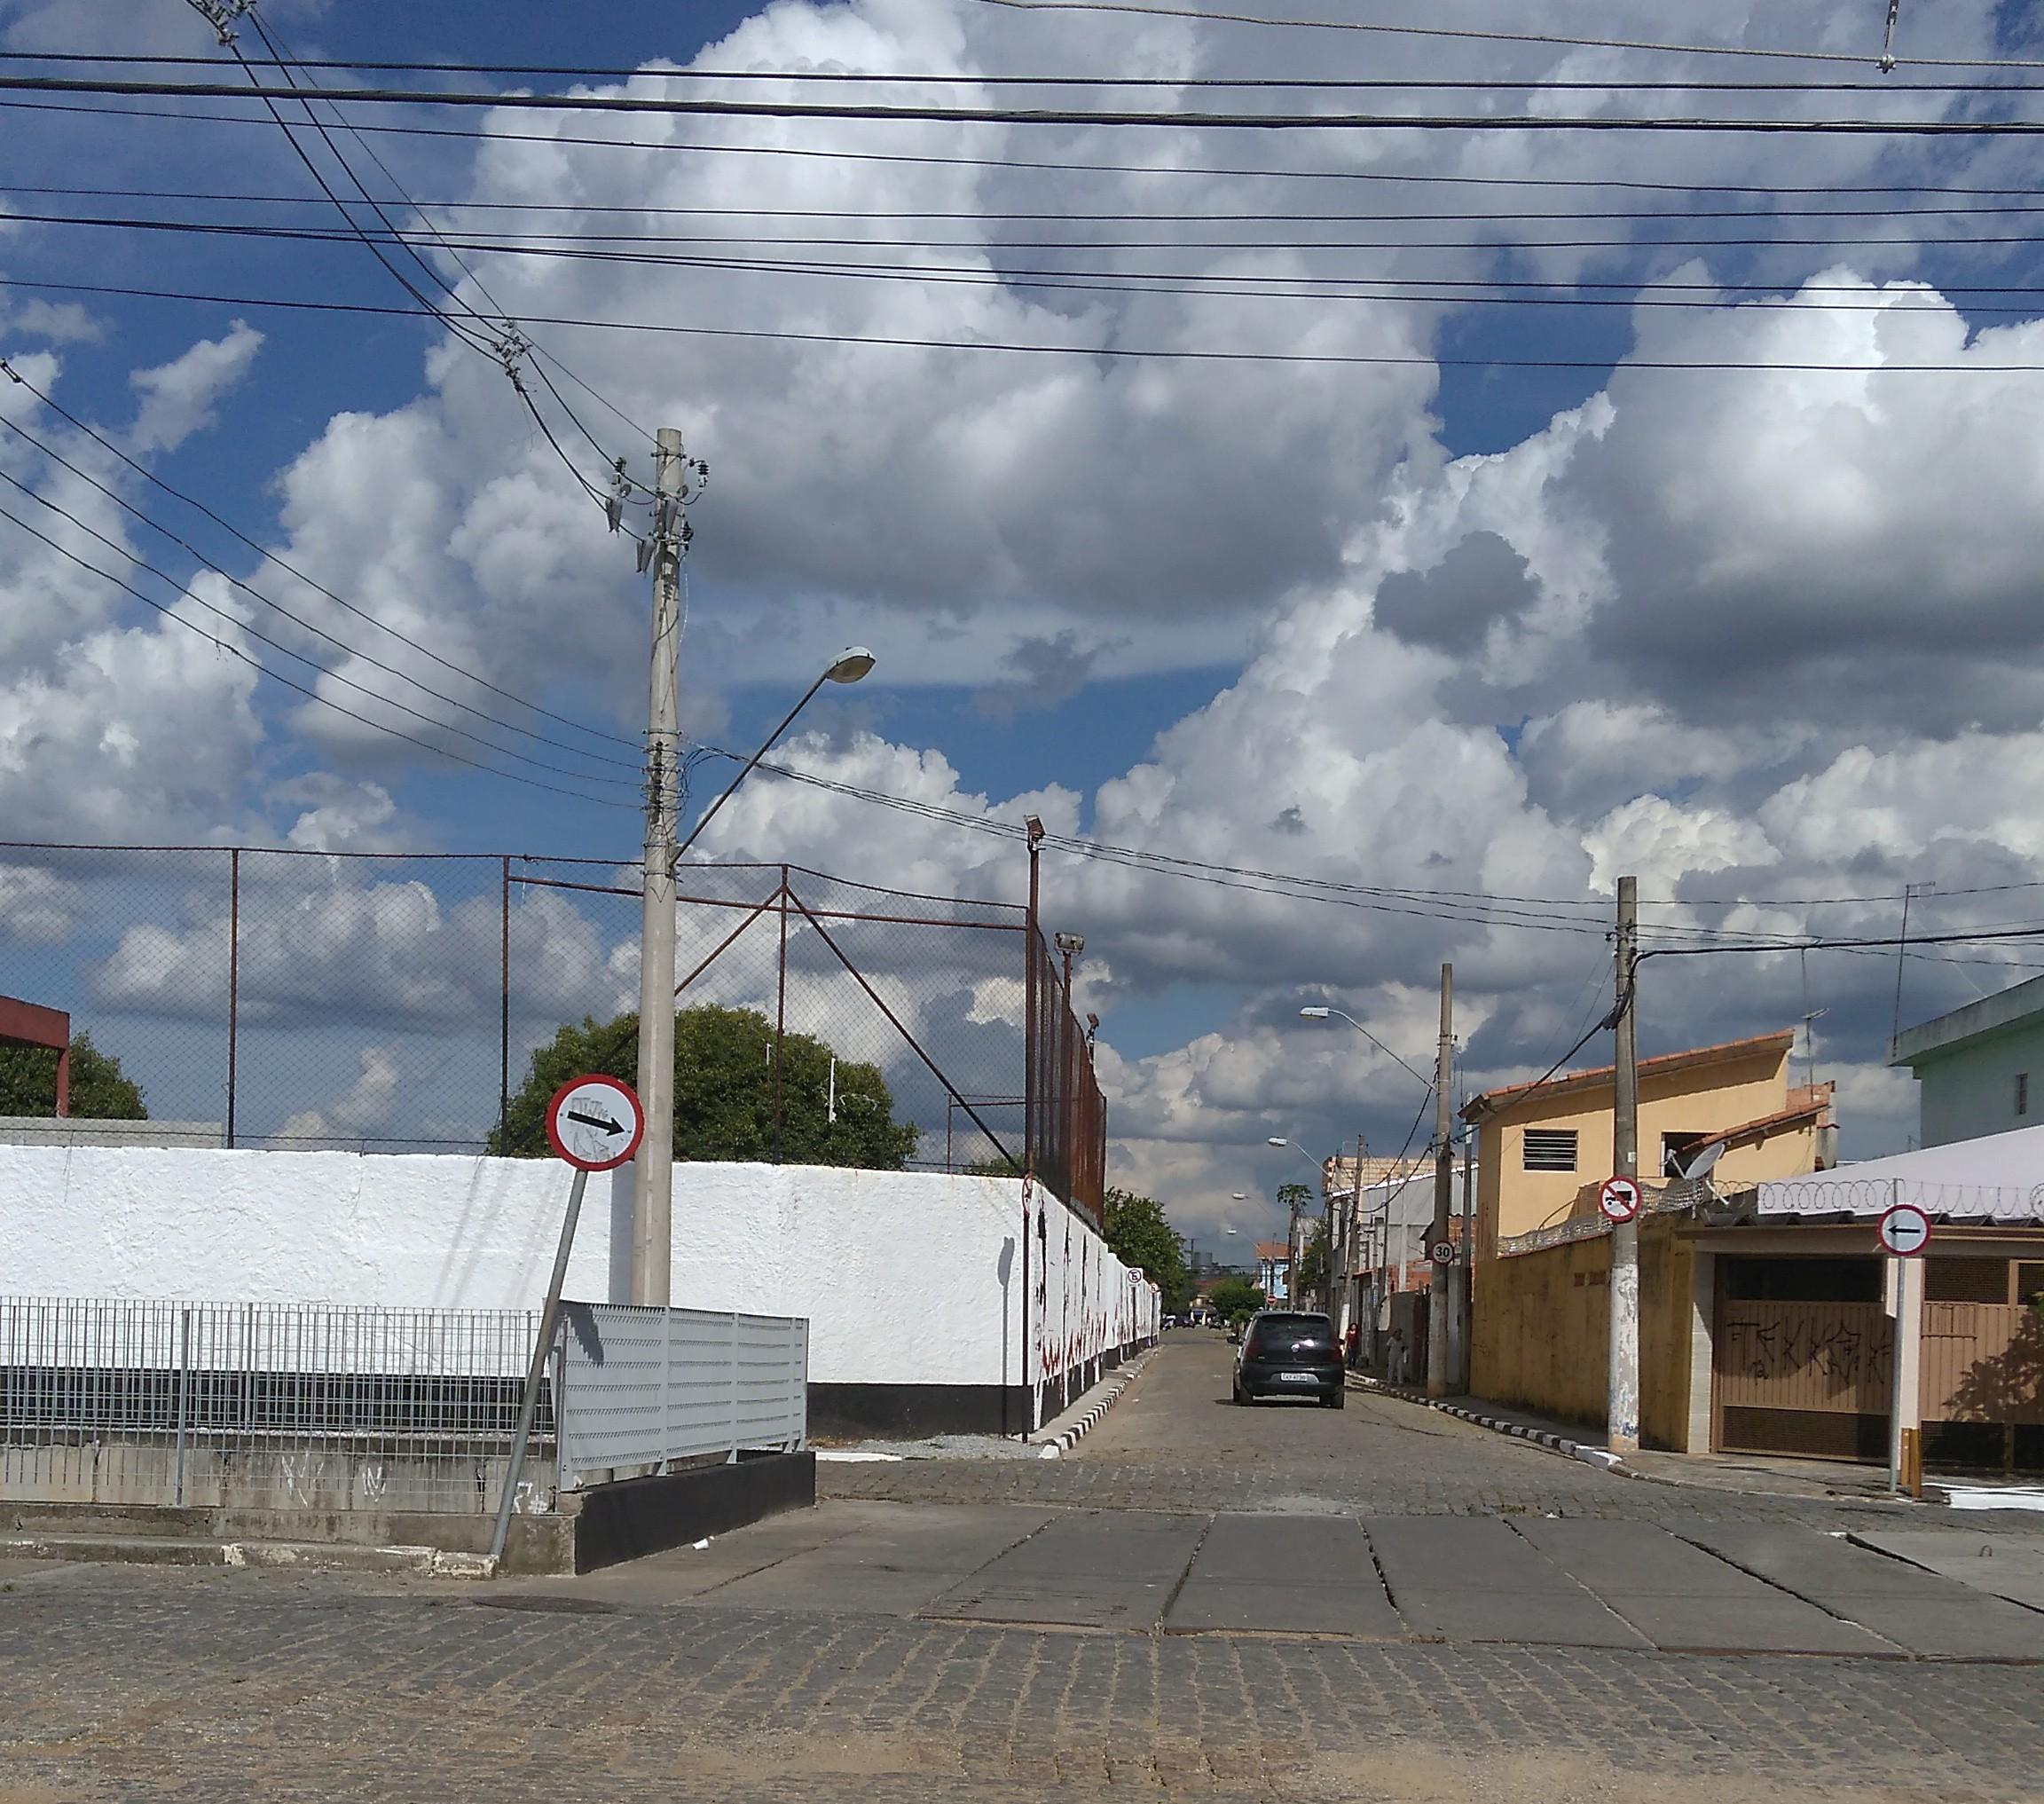 Moradores de Suzano denunciam invasão de calçada por clube ao MP